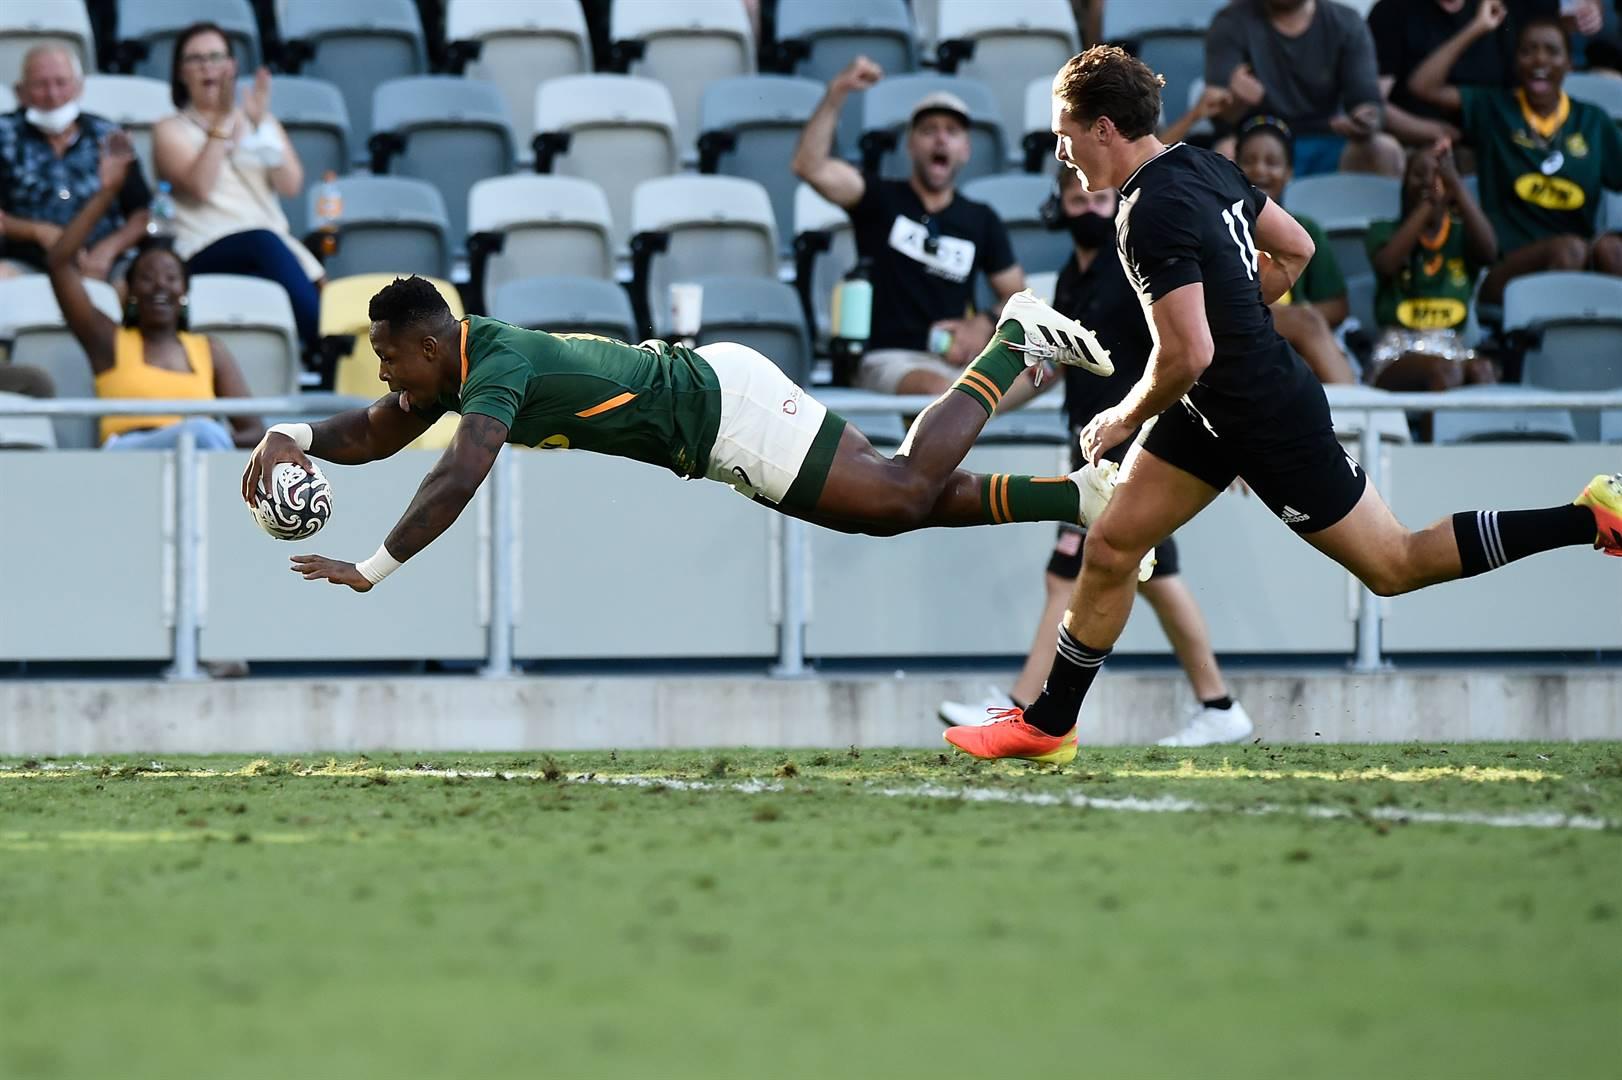 Sbu Nkosi duik oor die doellyn vir sy drie teen die All Blacks.  Foto: Getty Images